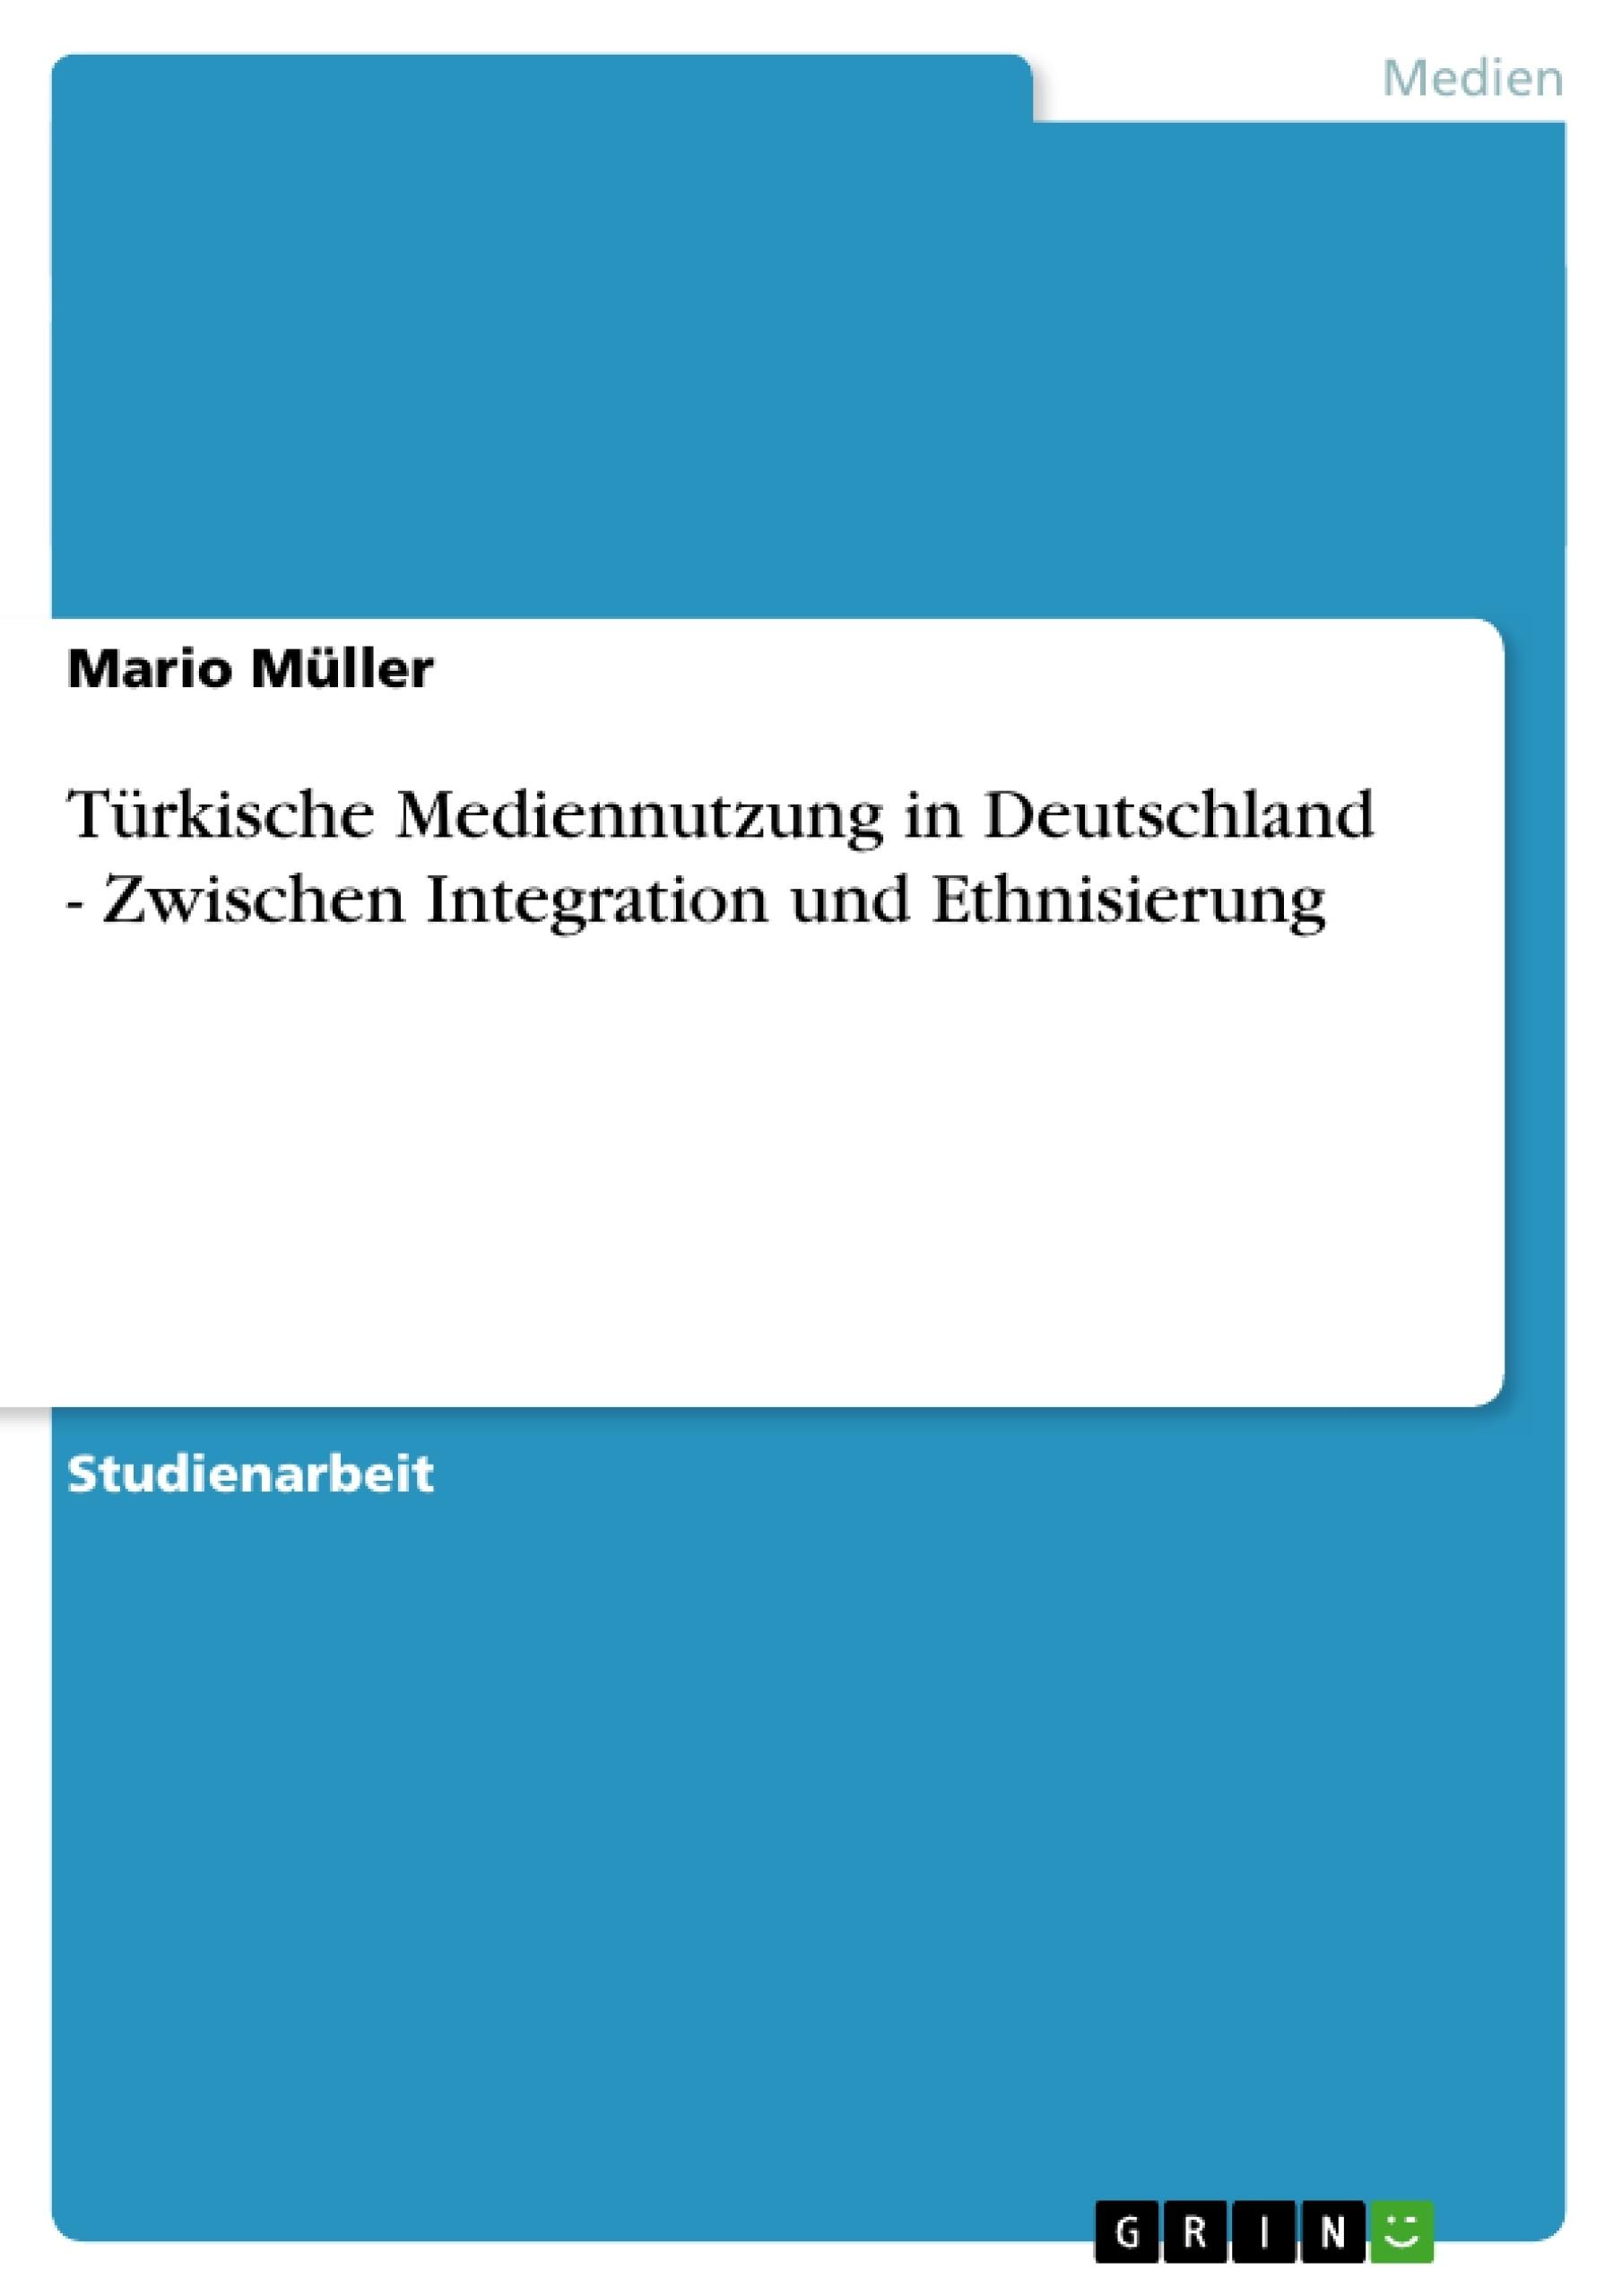 Titel: Türkische Mediennutzung in Deutschland - Zwischen Integration und Ethnisierung